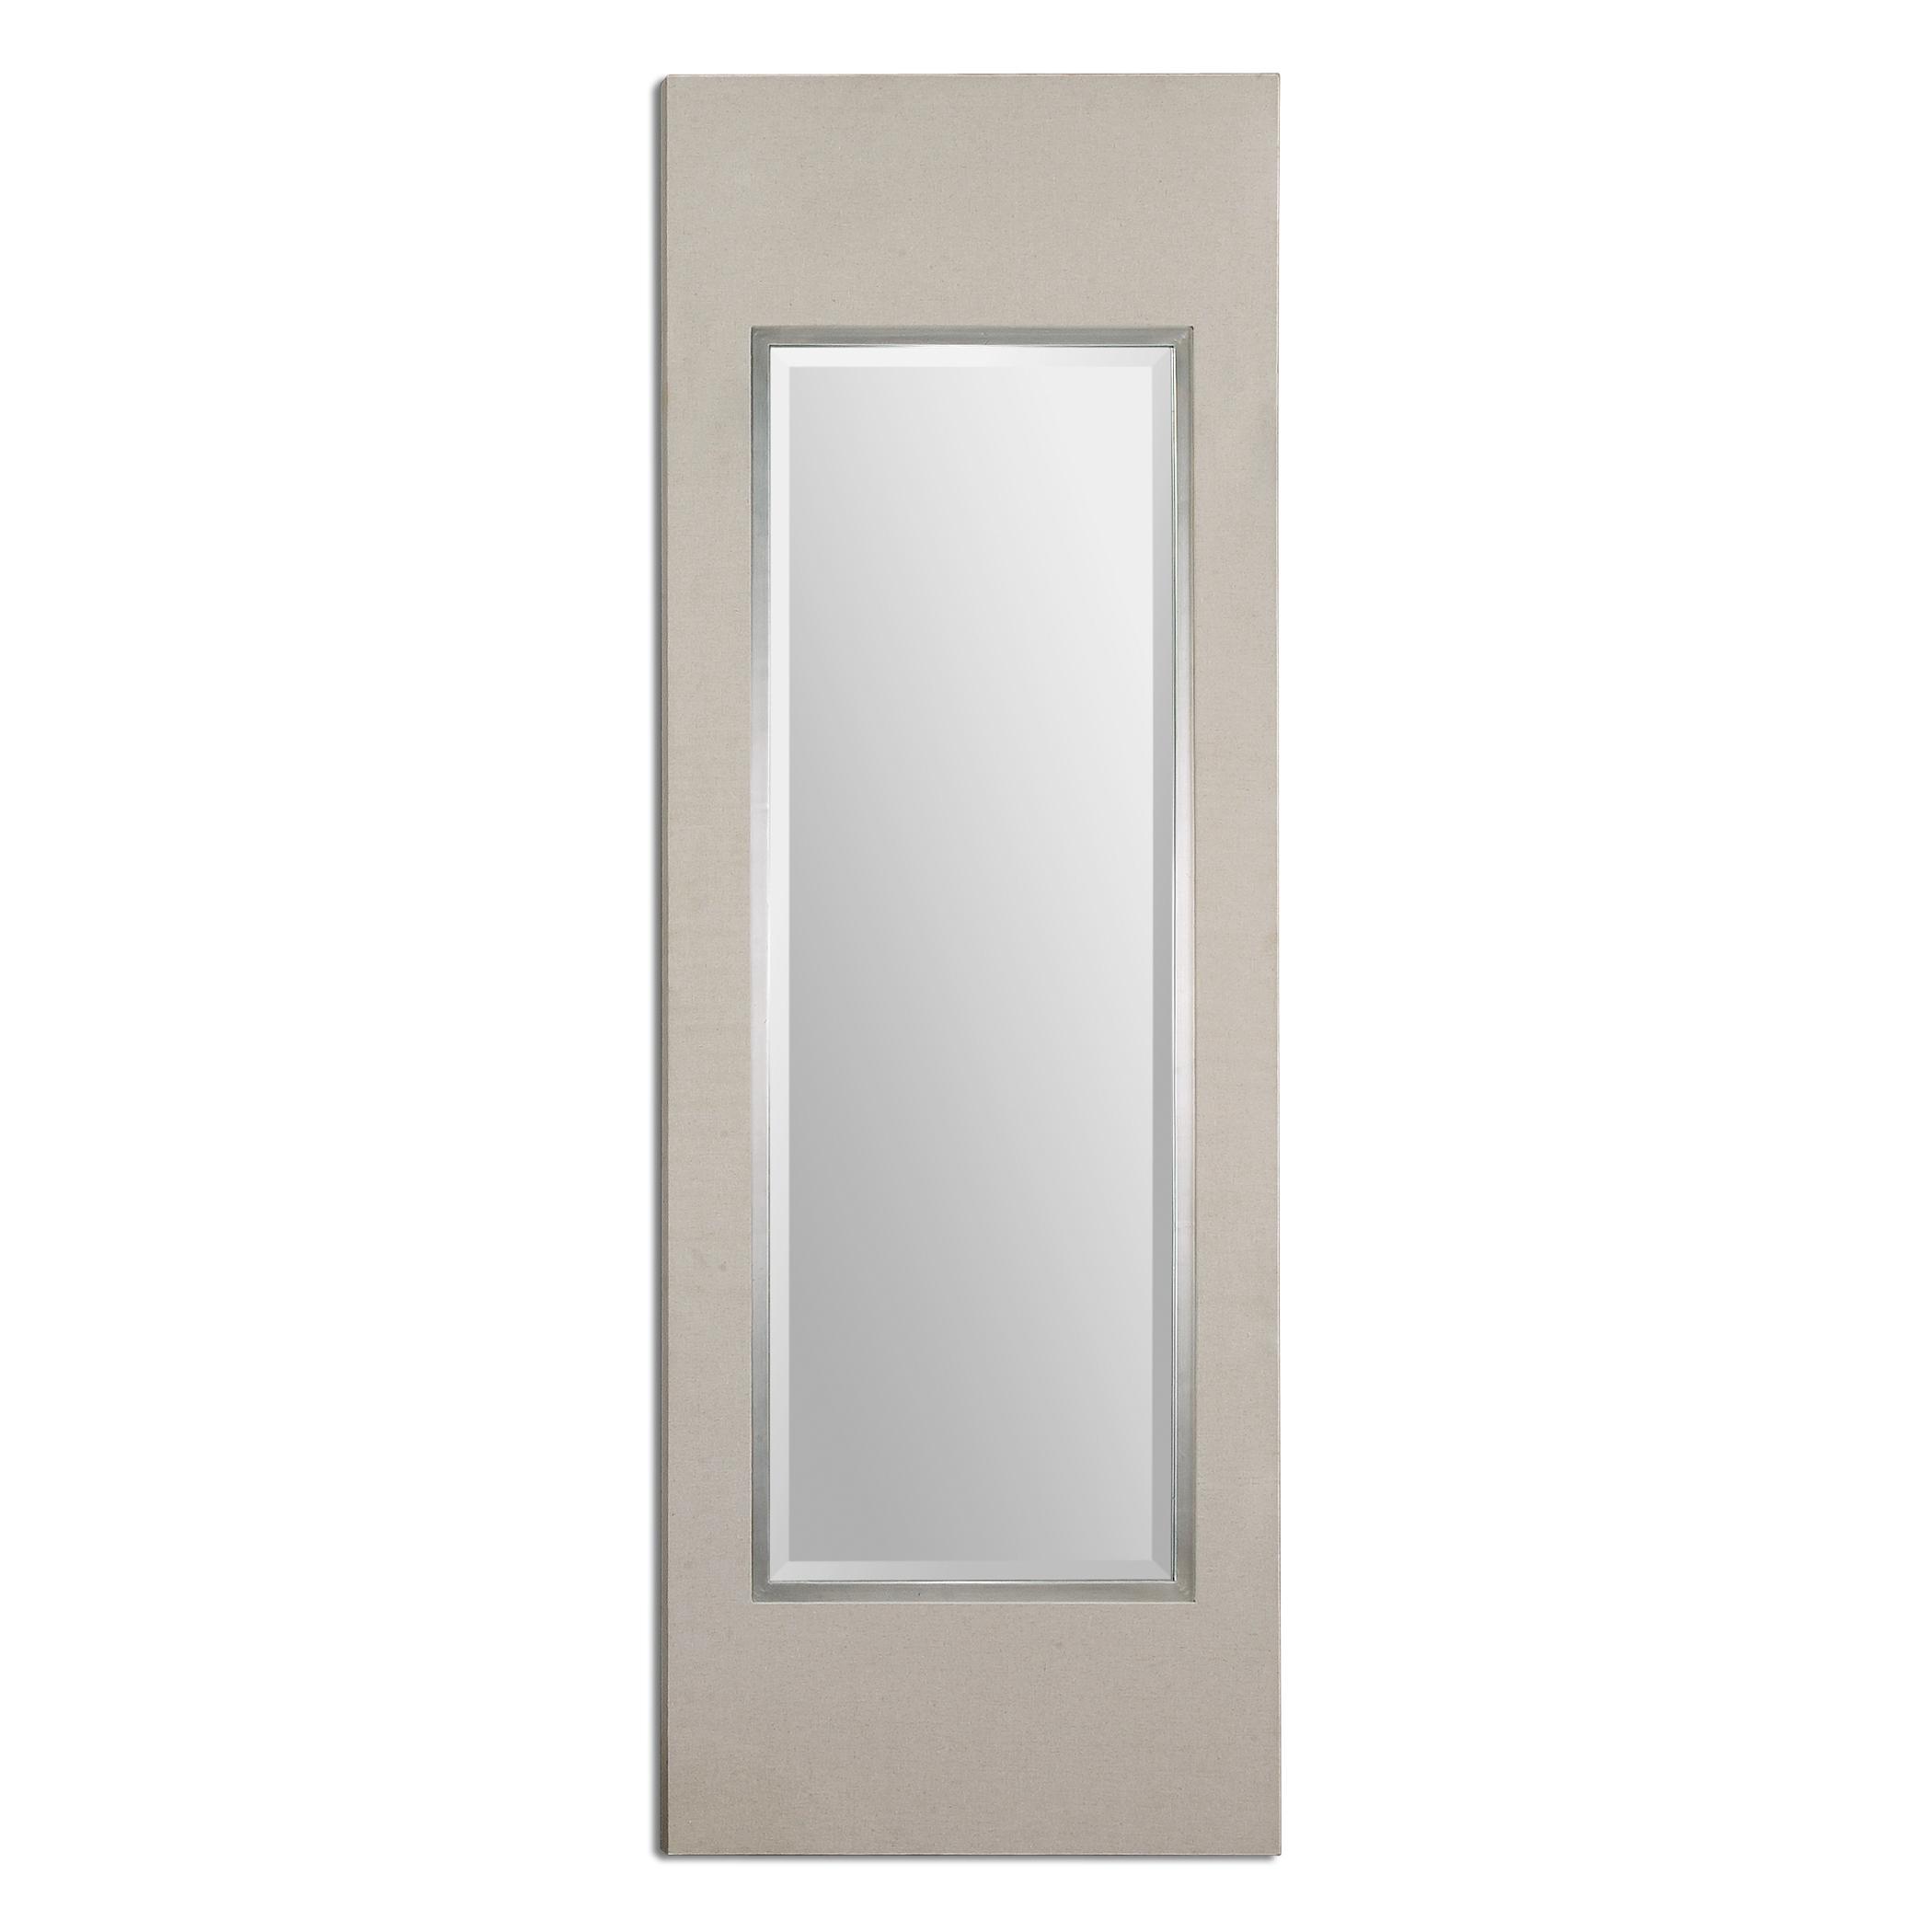 Uttermost Mirrors Clevon Modern Mirror - Item Number: 14481